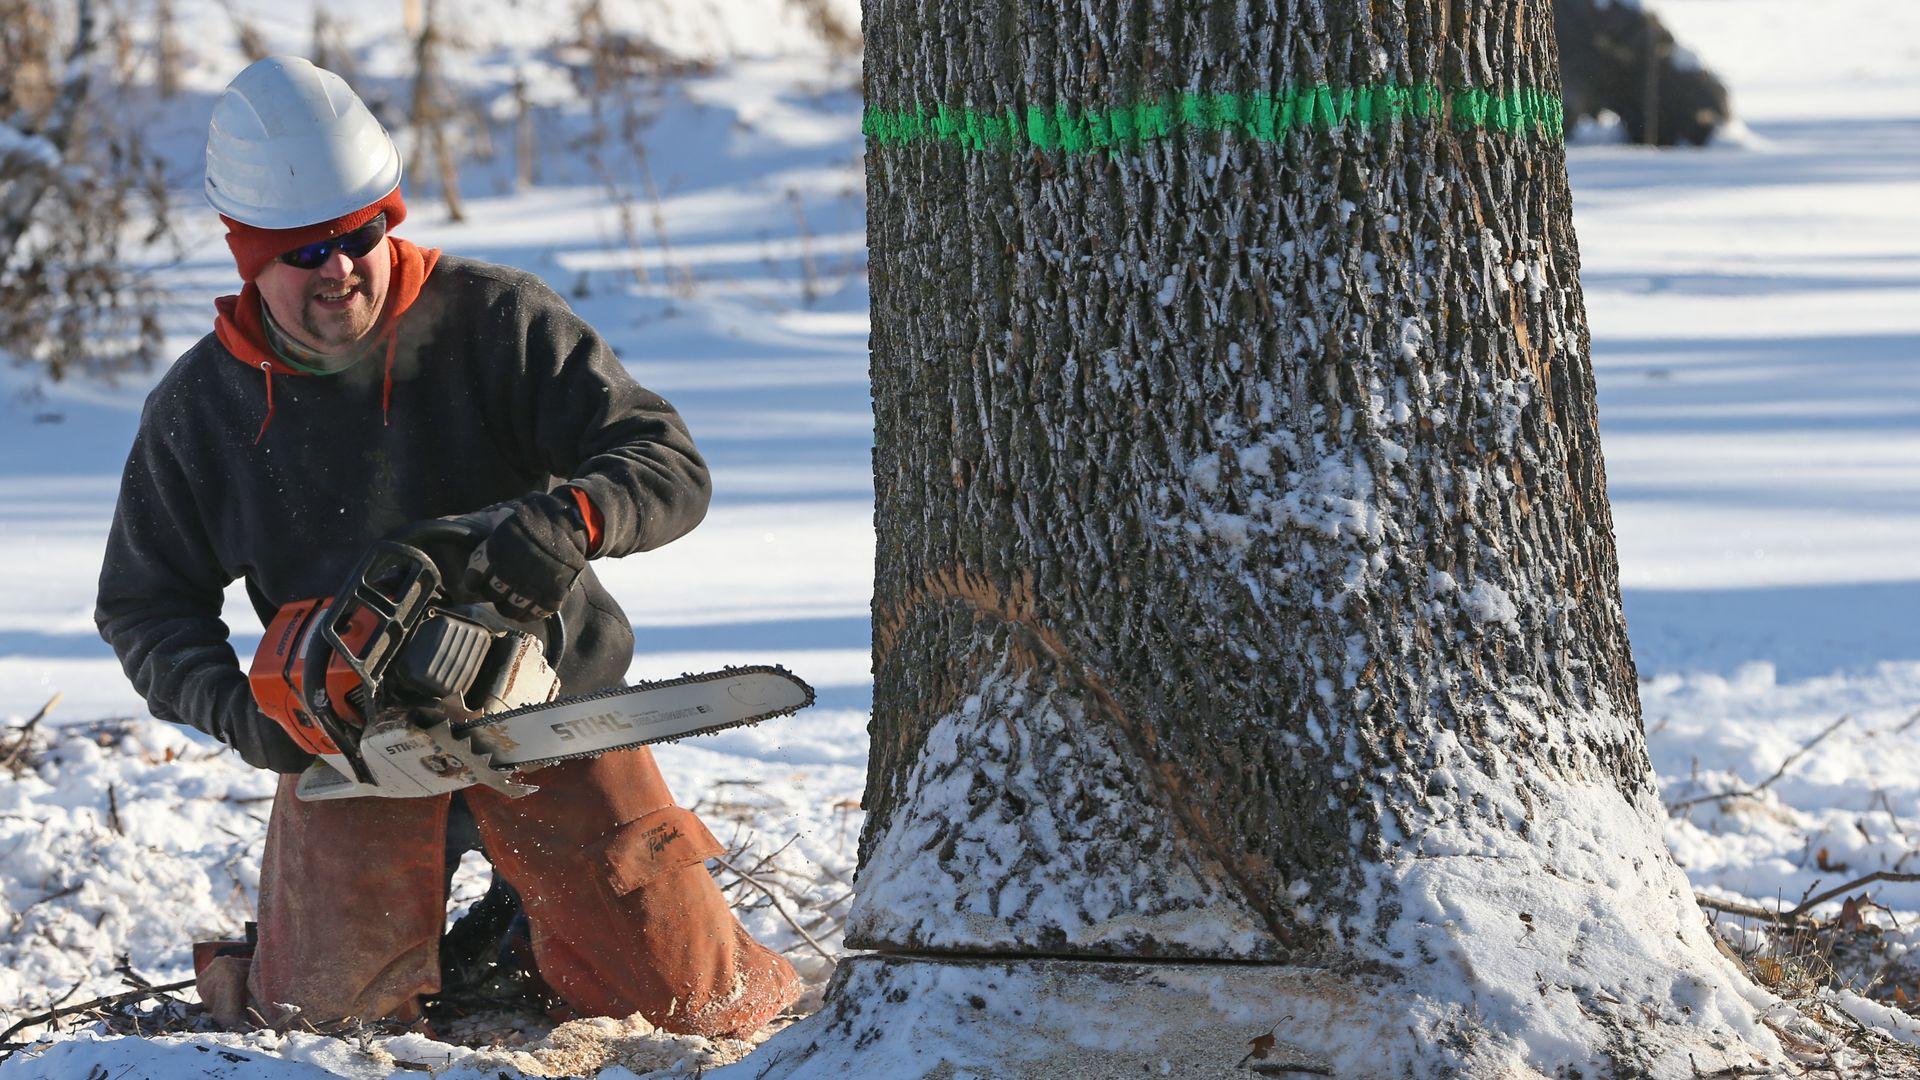 a man cuts down a tree